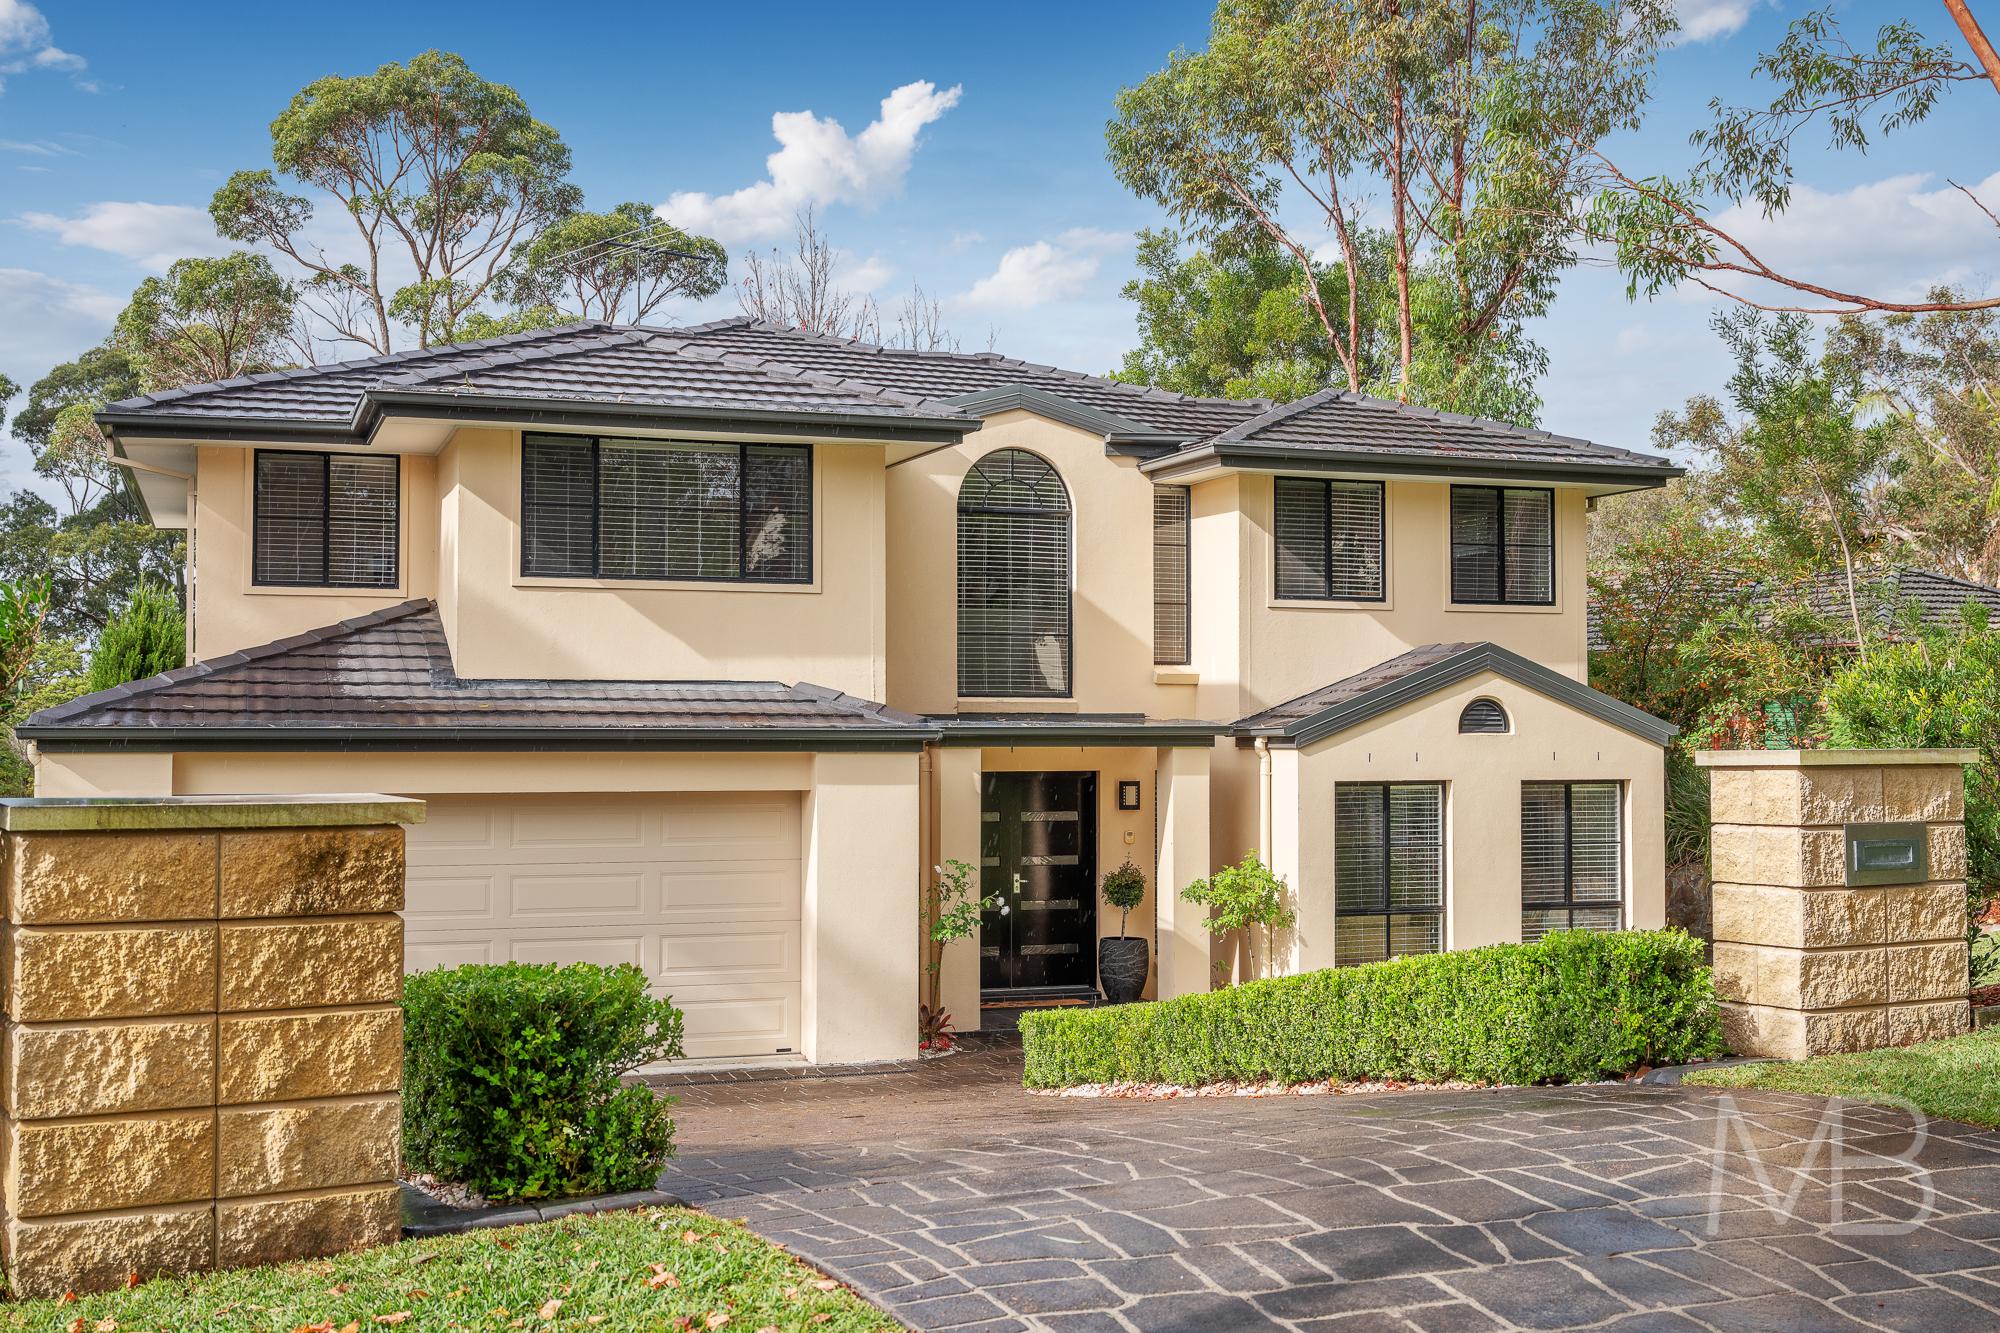 56 Kedumba Crescent, Turramurra, NSW 2074